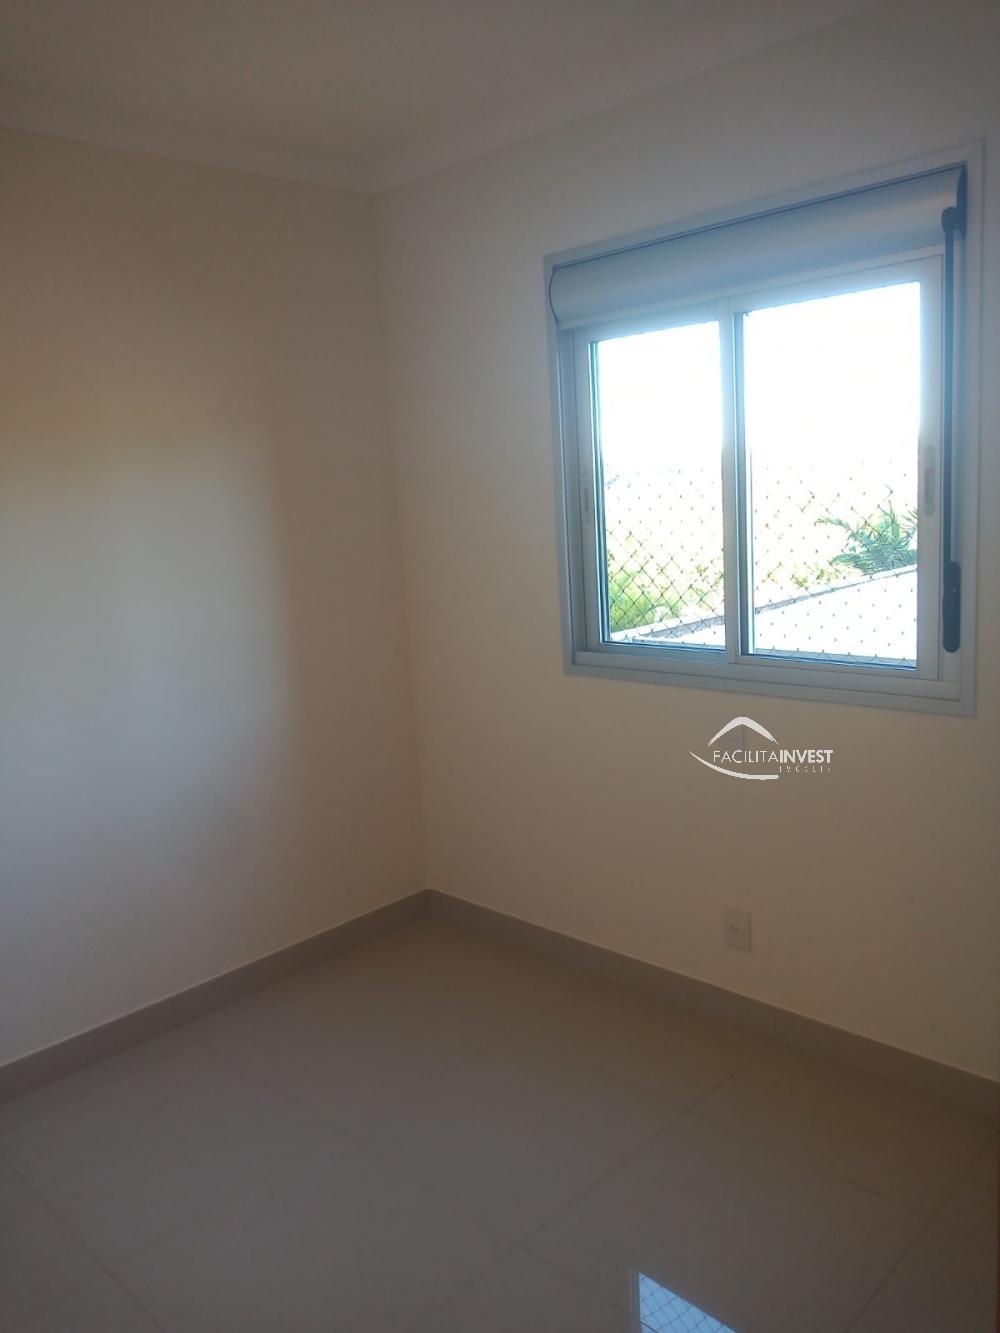 Alugar Apartamentos / Apart. Padrão em Ribeirão Preto R$ 3.500,00 - Foto 16